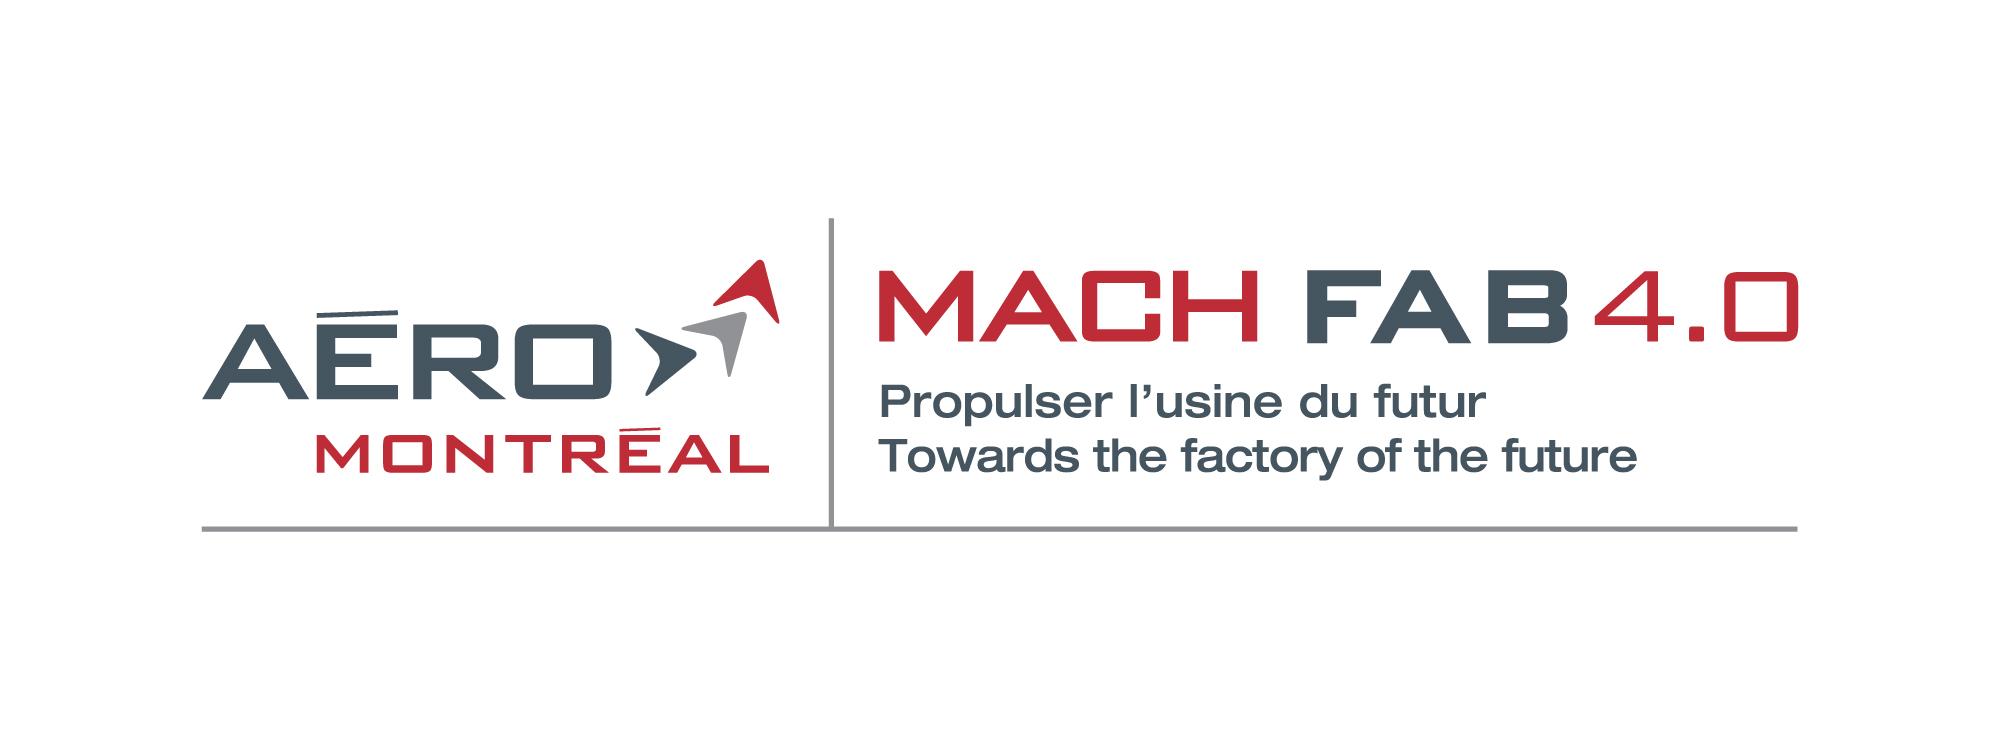 Mach Fab 4.0 aérospatiale révolution numérique